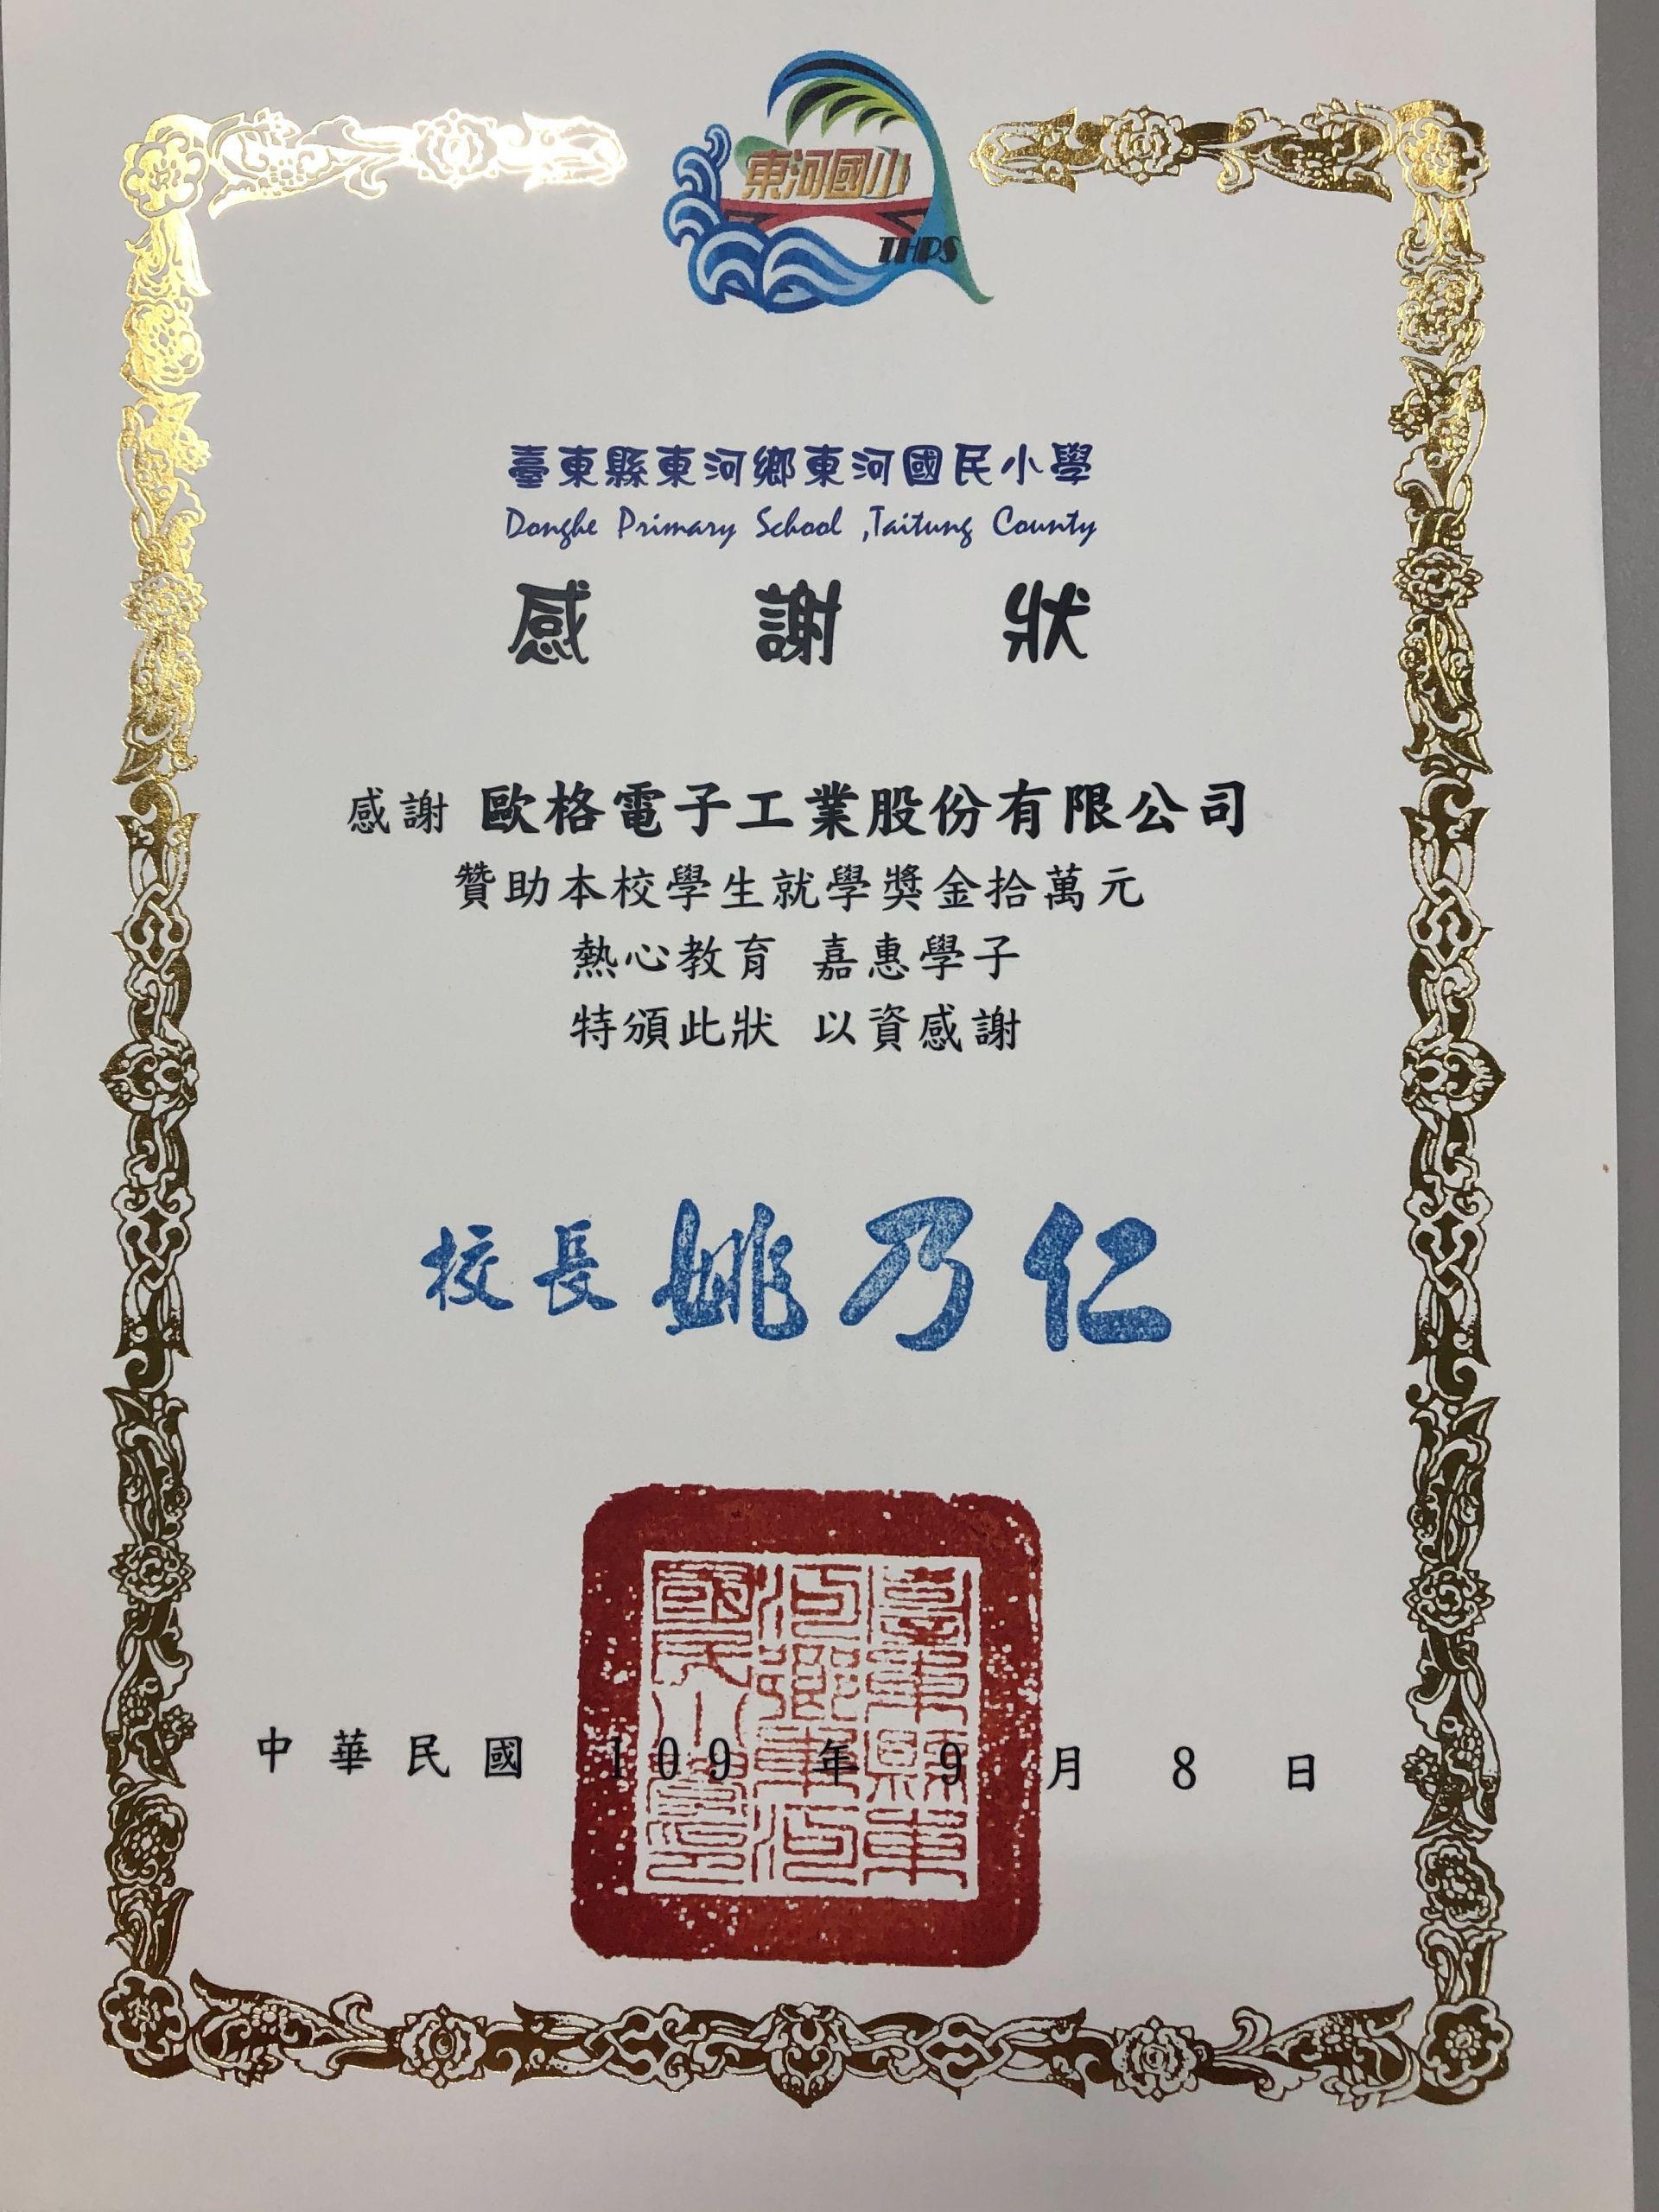 AHOKU erhält die Anerkennungsurkunde des Stipendiums 2020 der Donghe Primary School